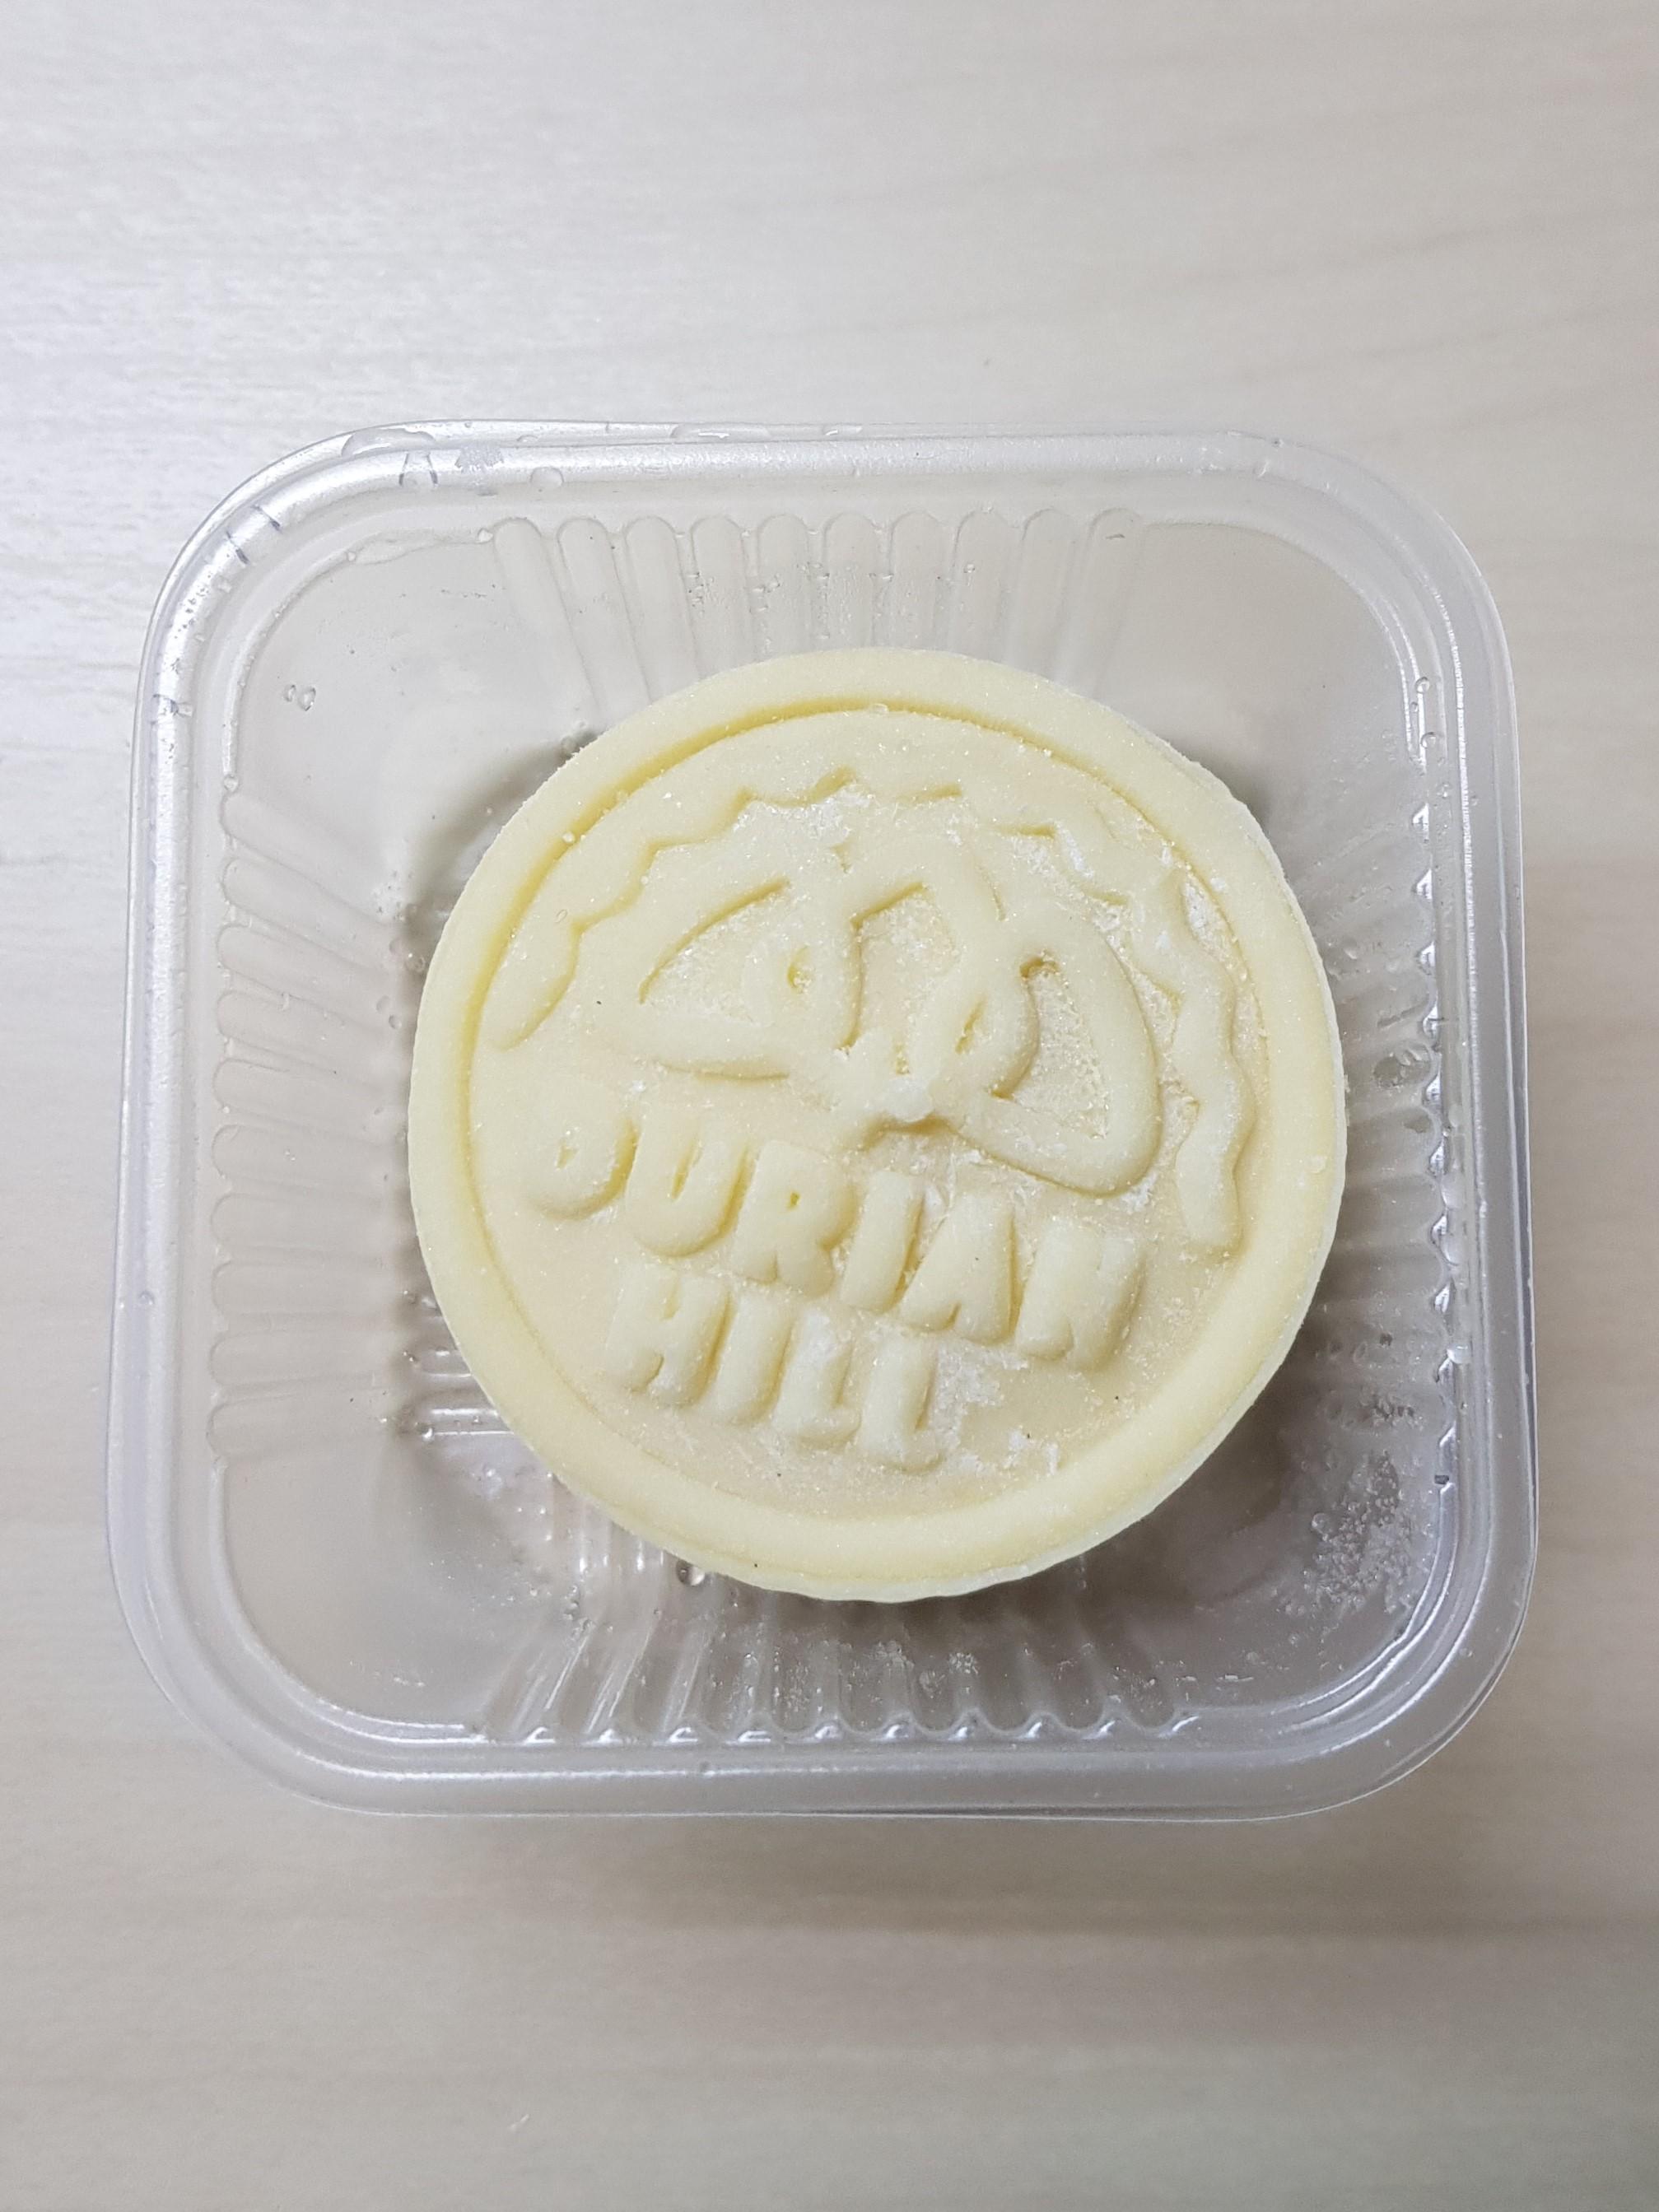 Premium Snowy Mooncake